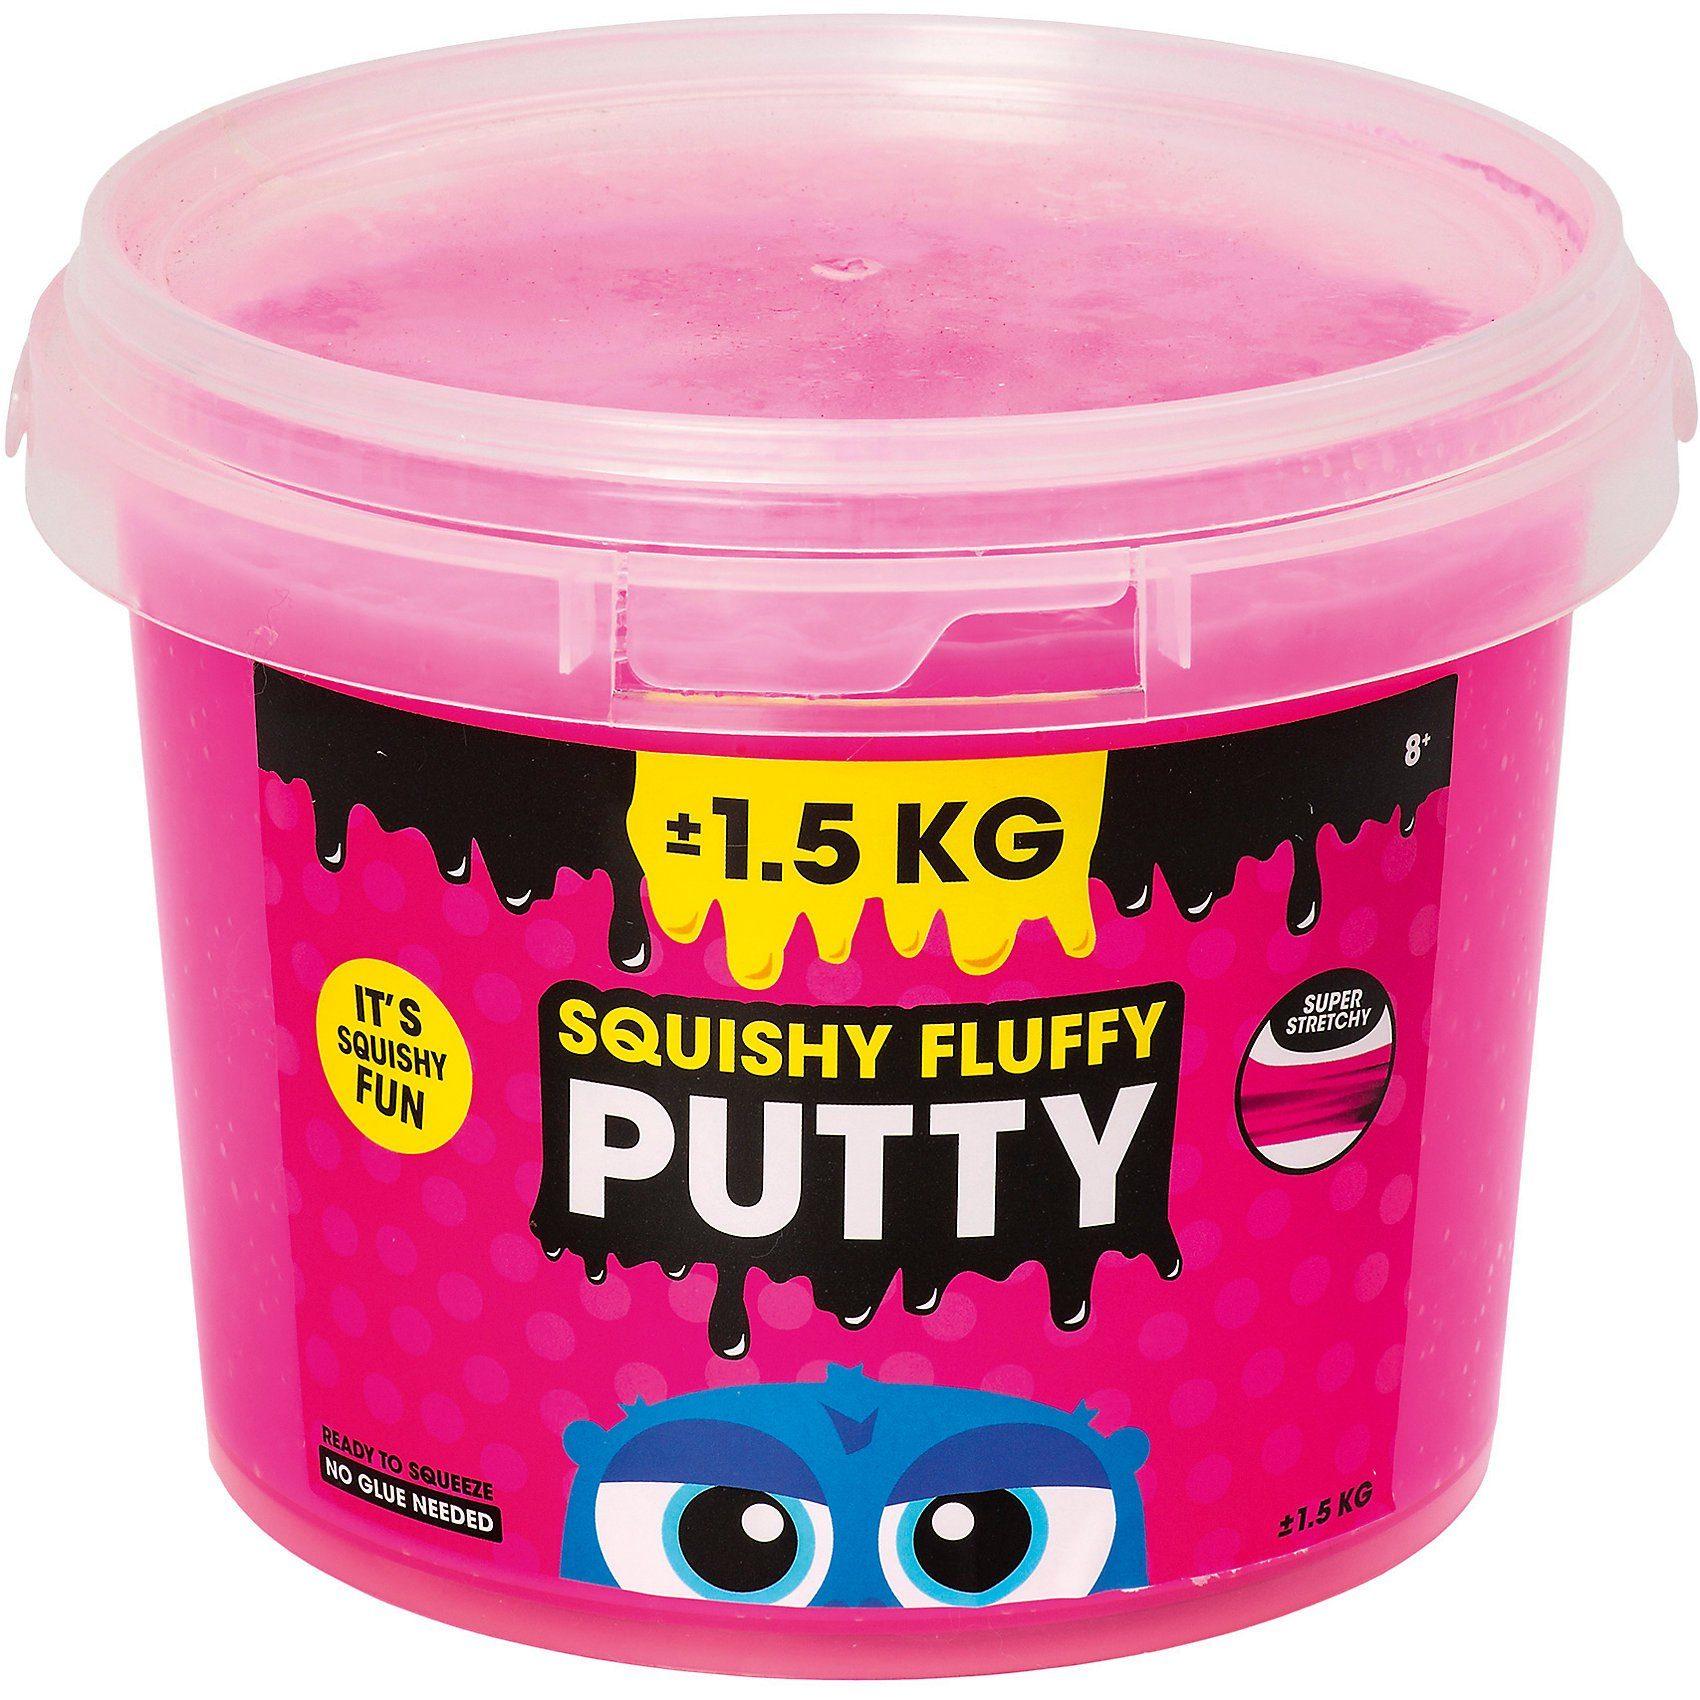 Squishy Fluffy Putty pink im Eimer, 1,5 kg